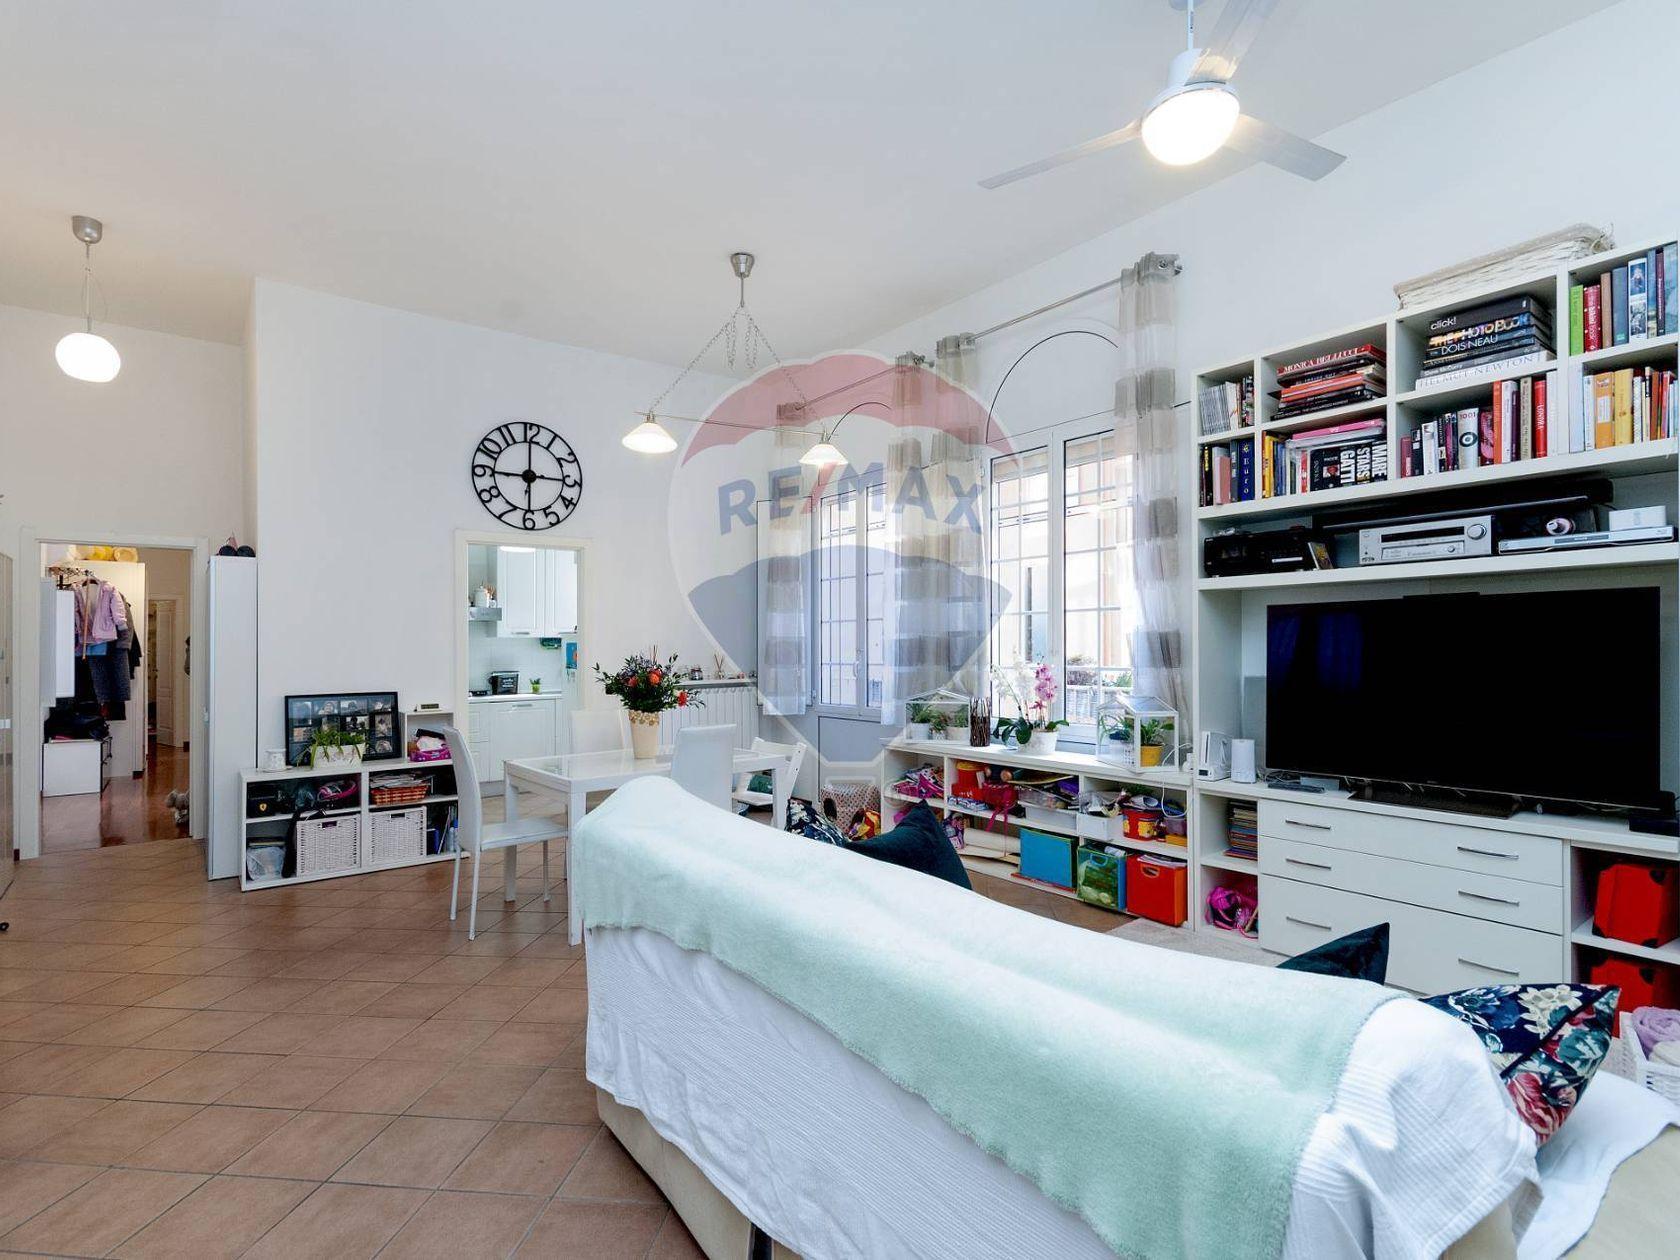 Appartamento Zona Centro Storico, San Giovanni in Persiceto, BO Vendita - Foto 8